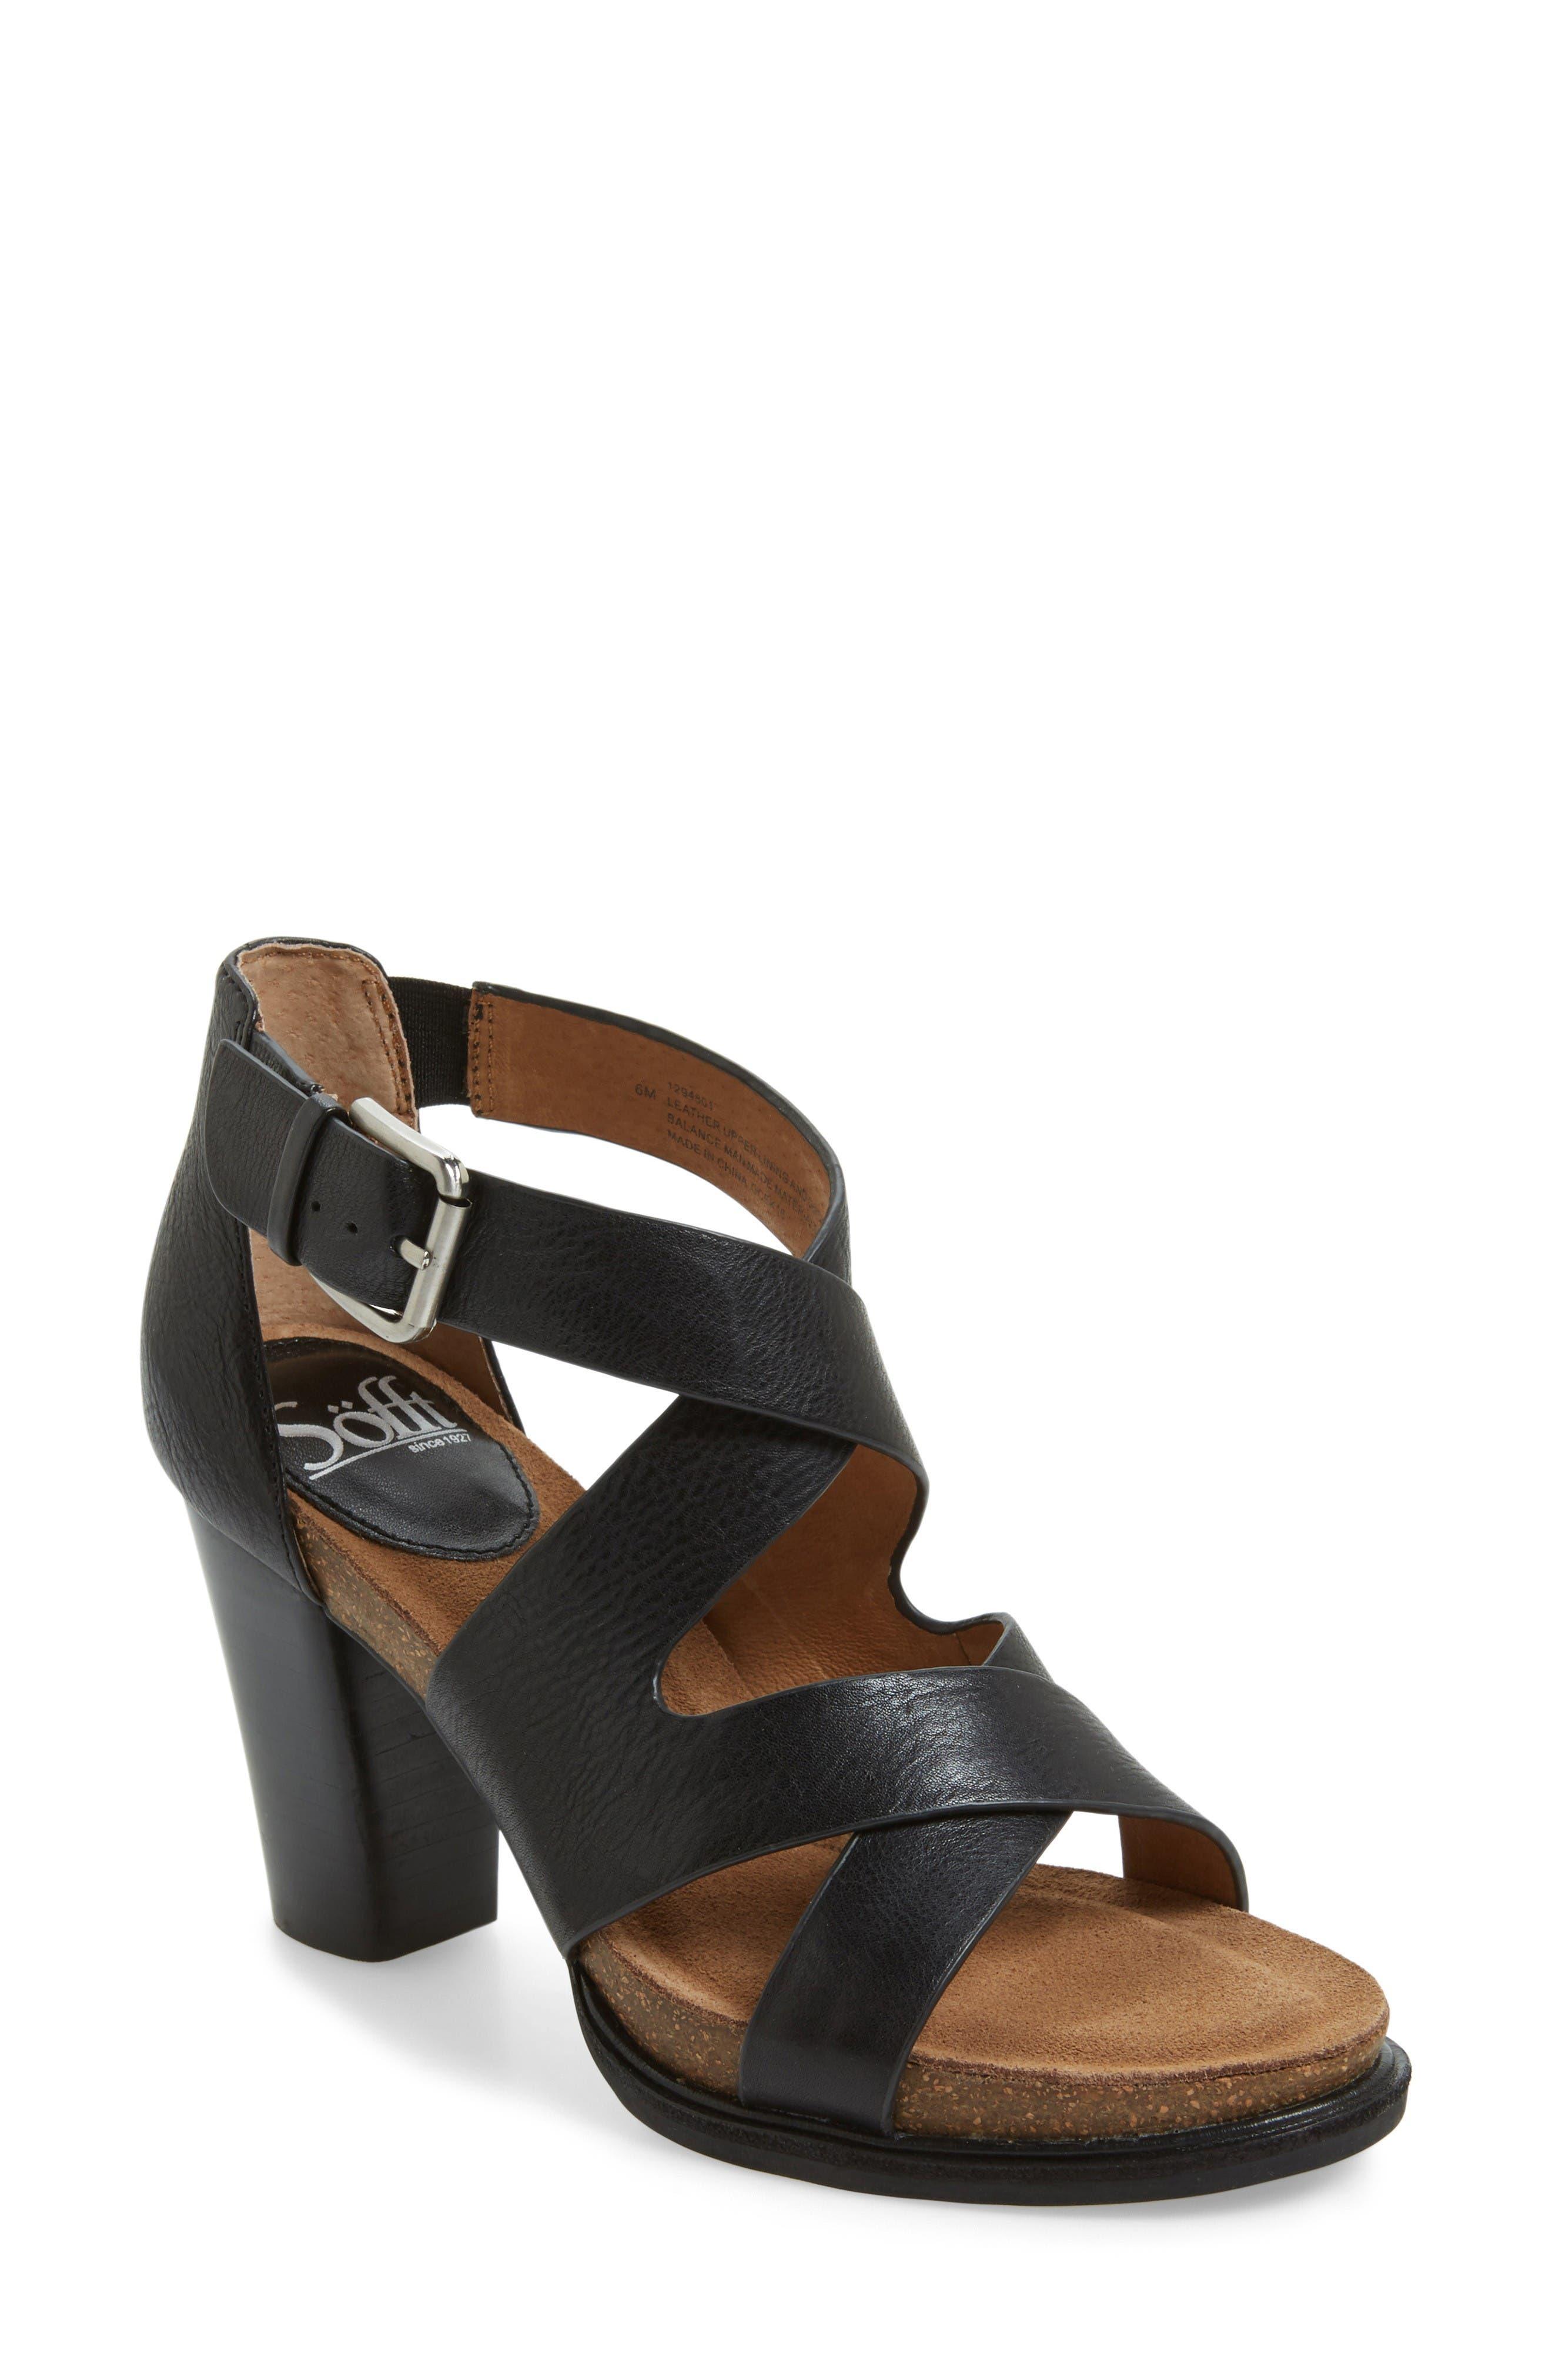 Canita Block Heel Sandal,                         Main,                         color, Black Leather